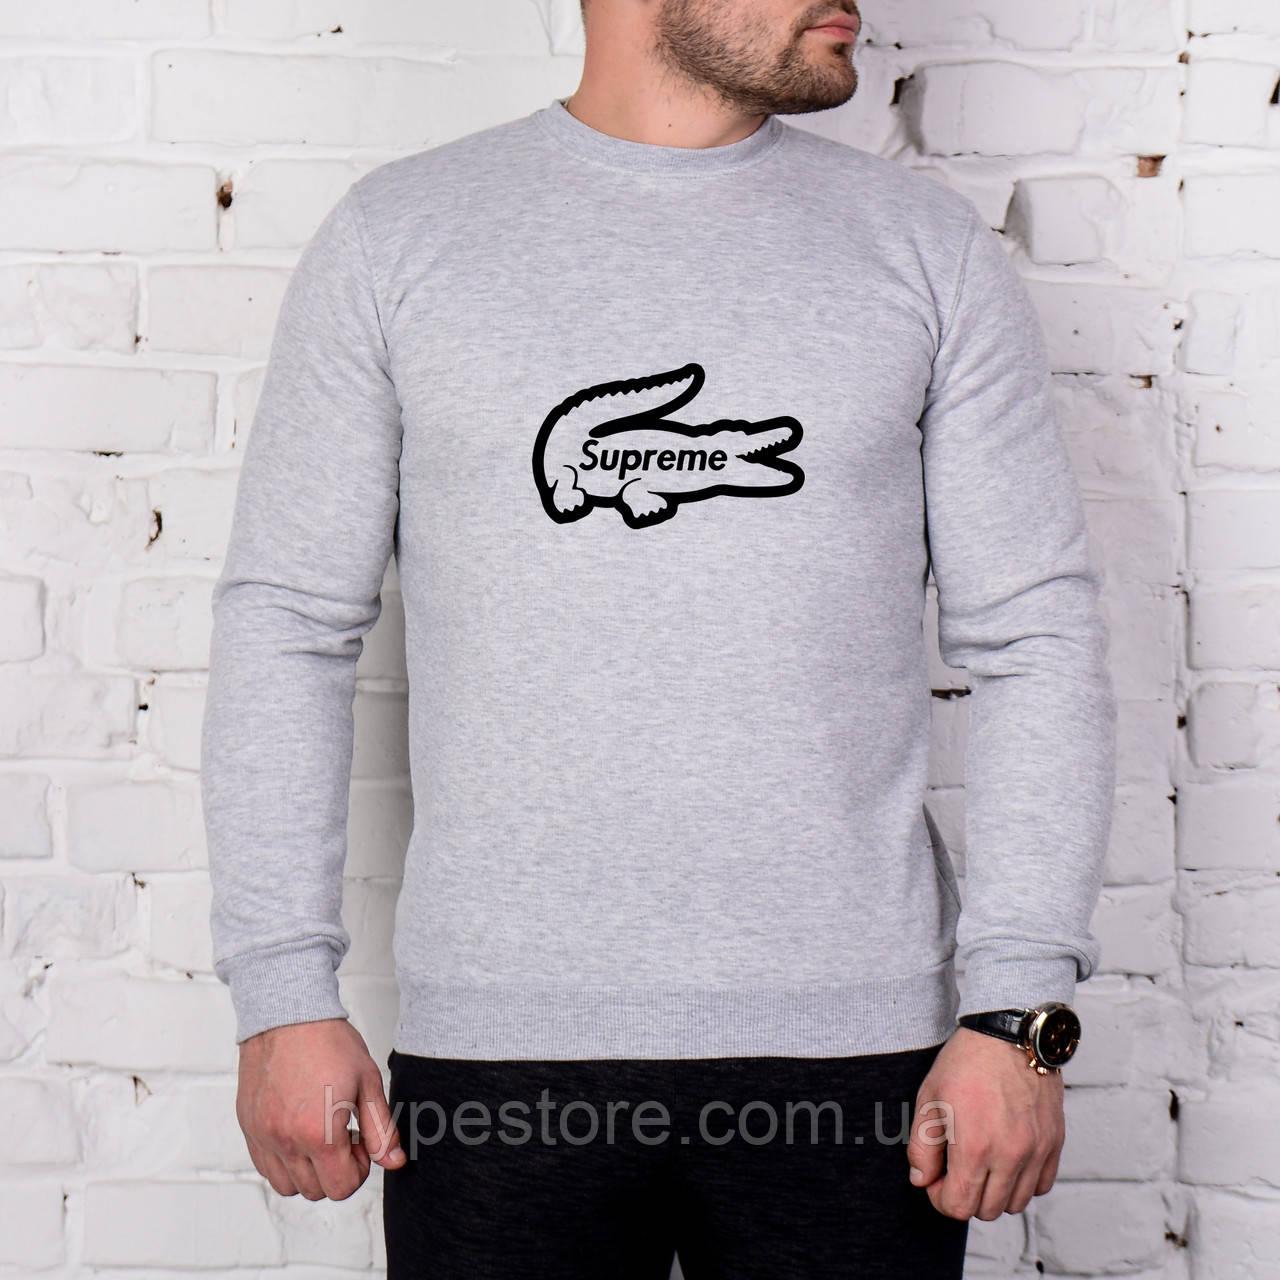 Мужской спортивный серый свитшот, кофта, лонгслив, реглан Supreme X Lacoste, Реплика